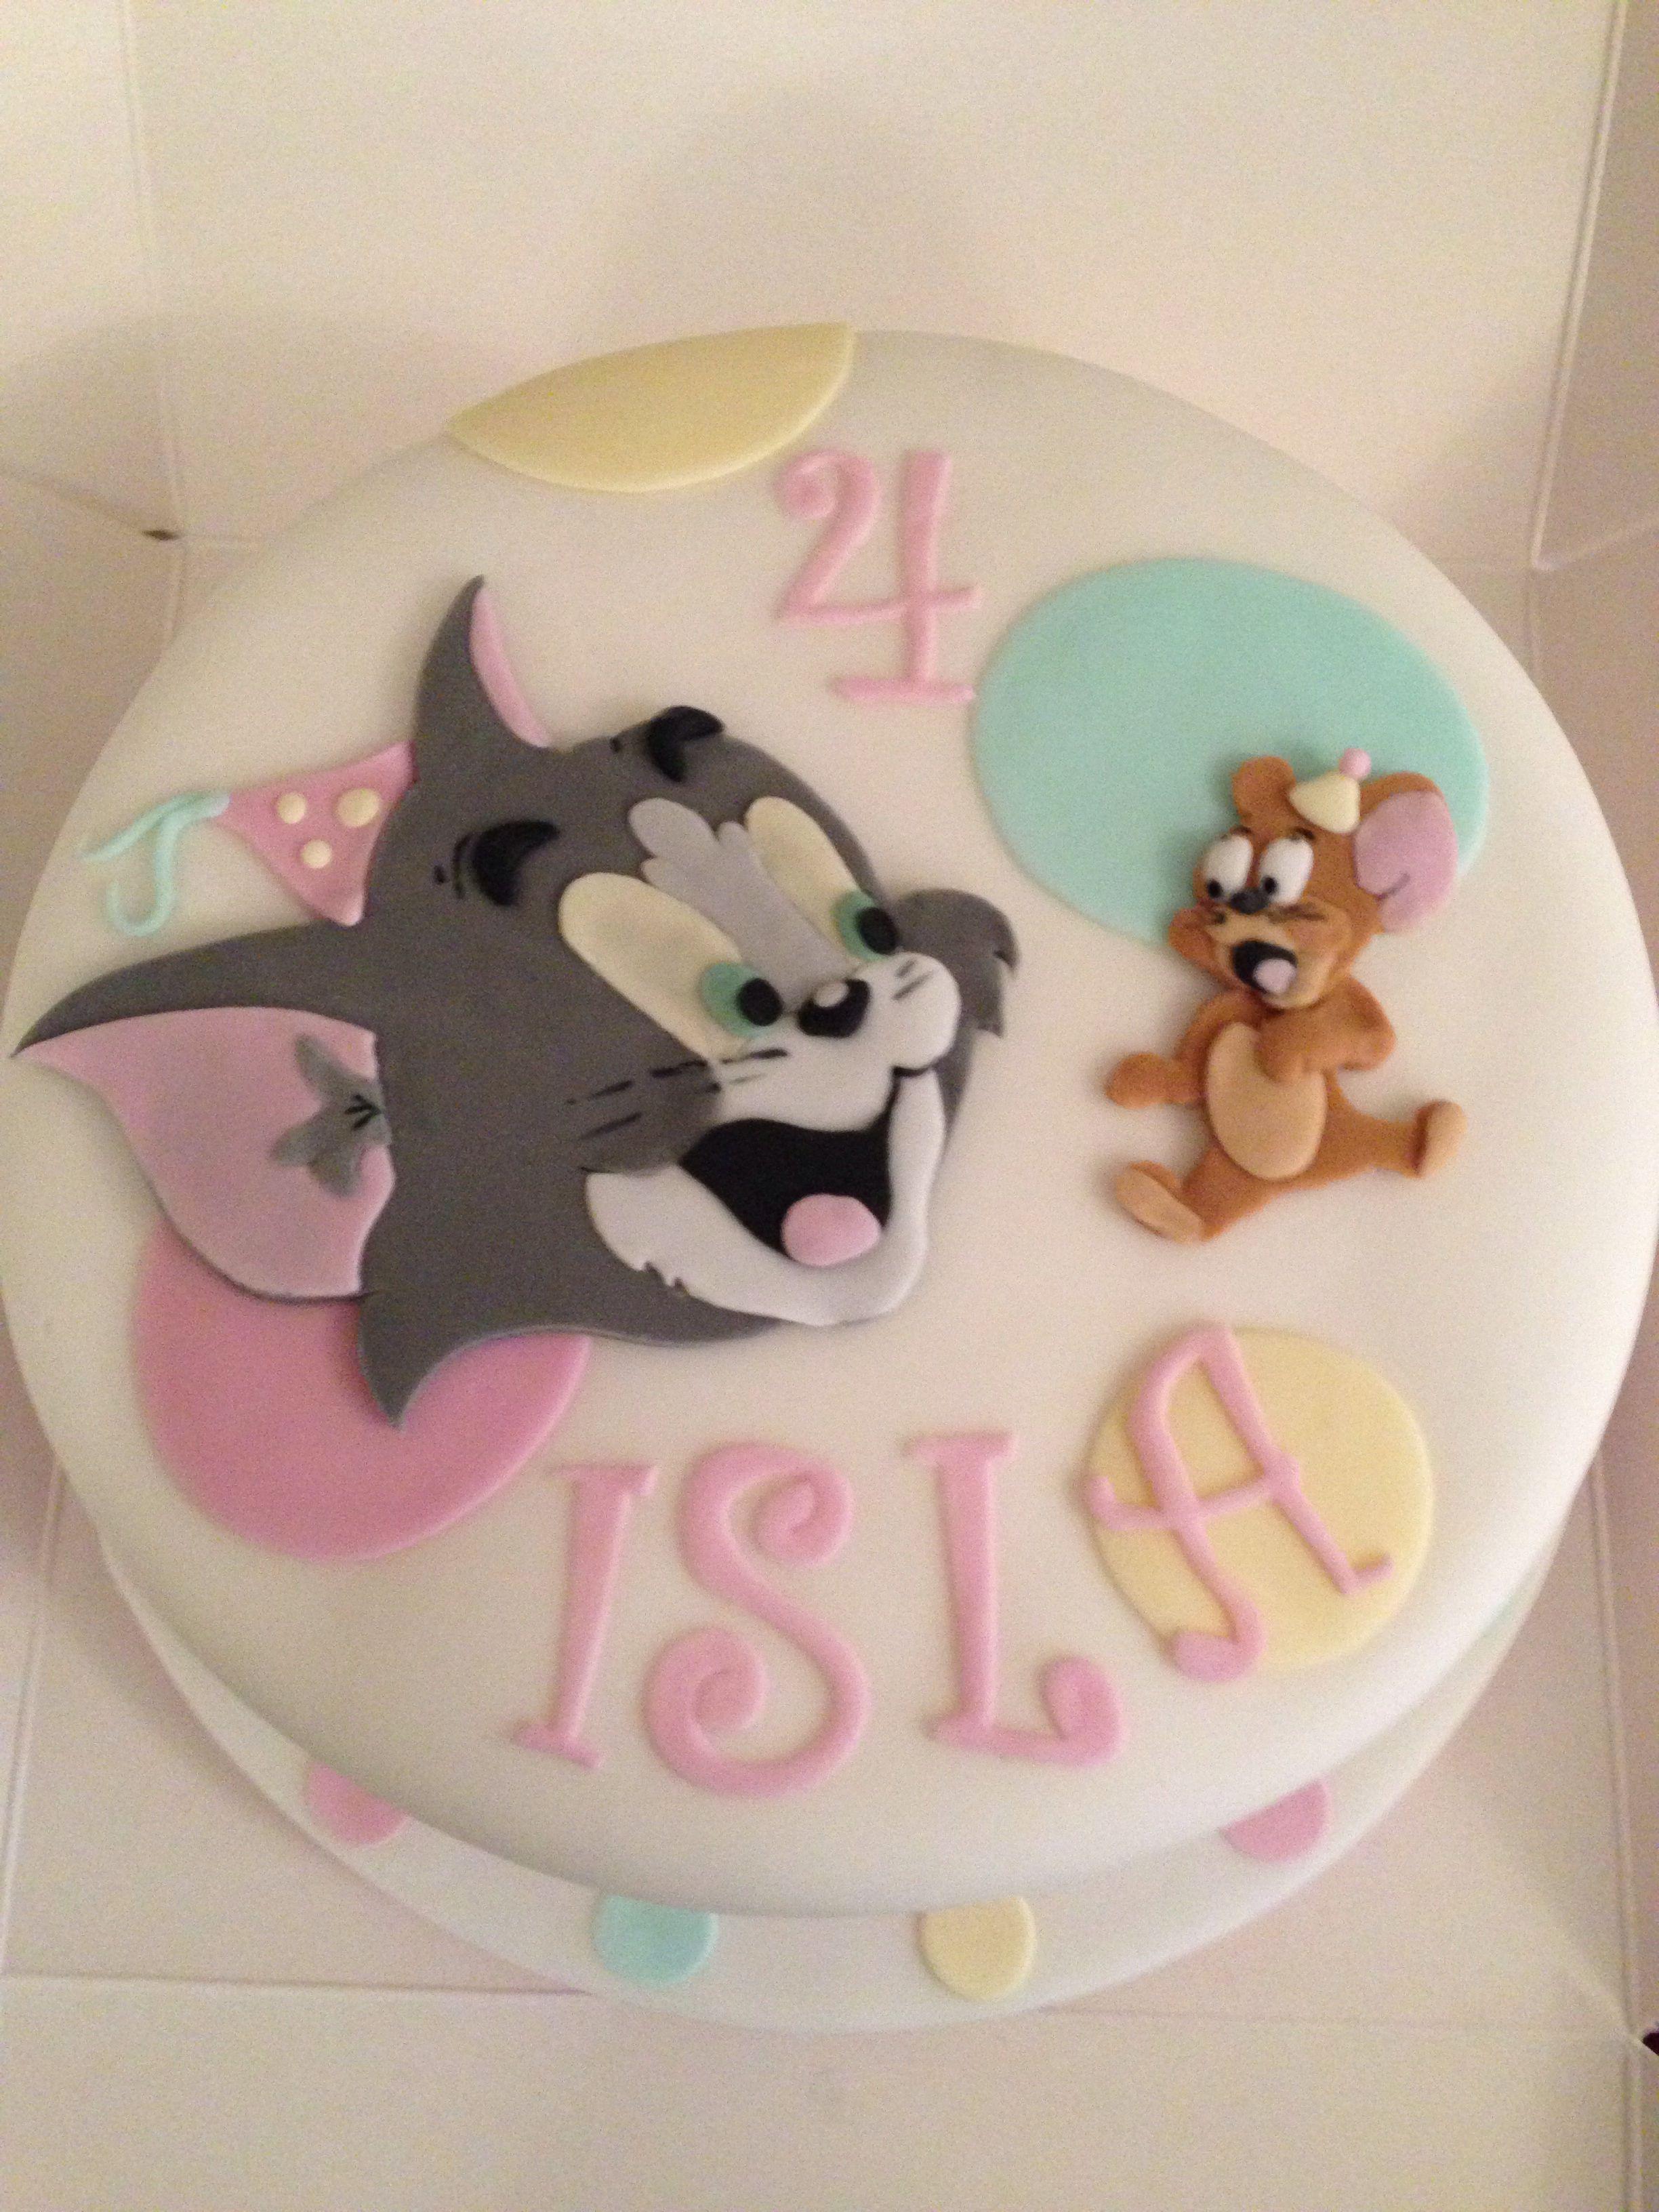 Tom and jerry birthday cake Birthday Pinterest Birthday